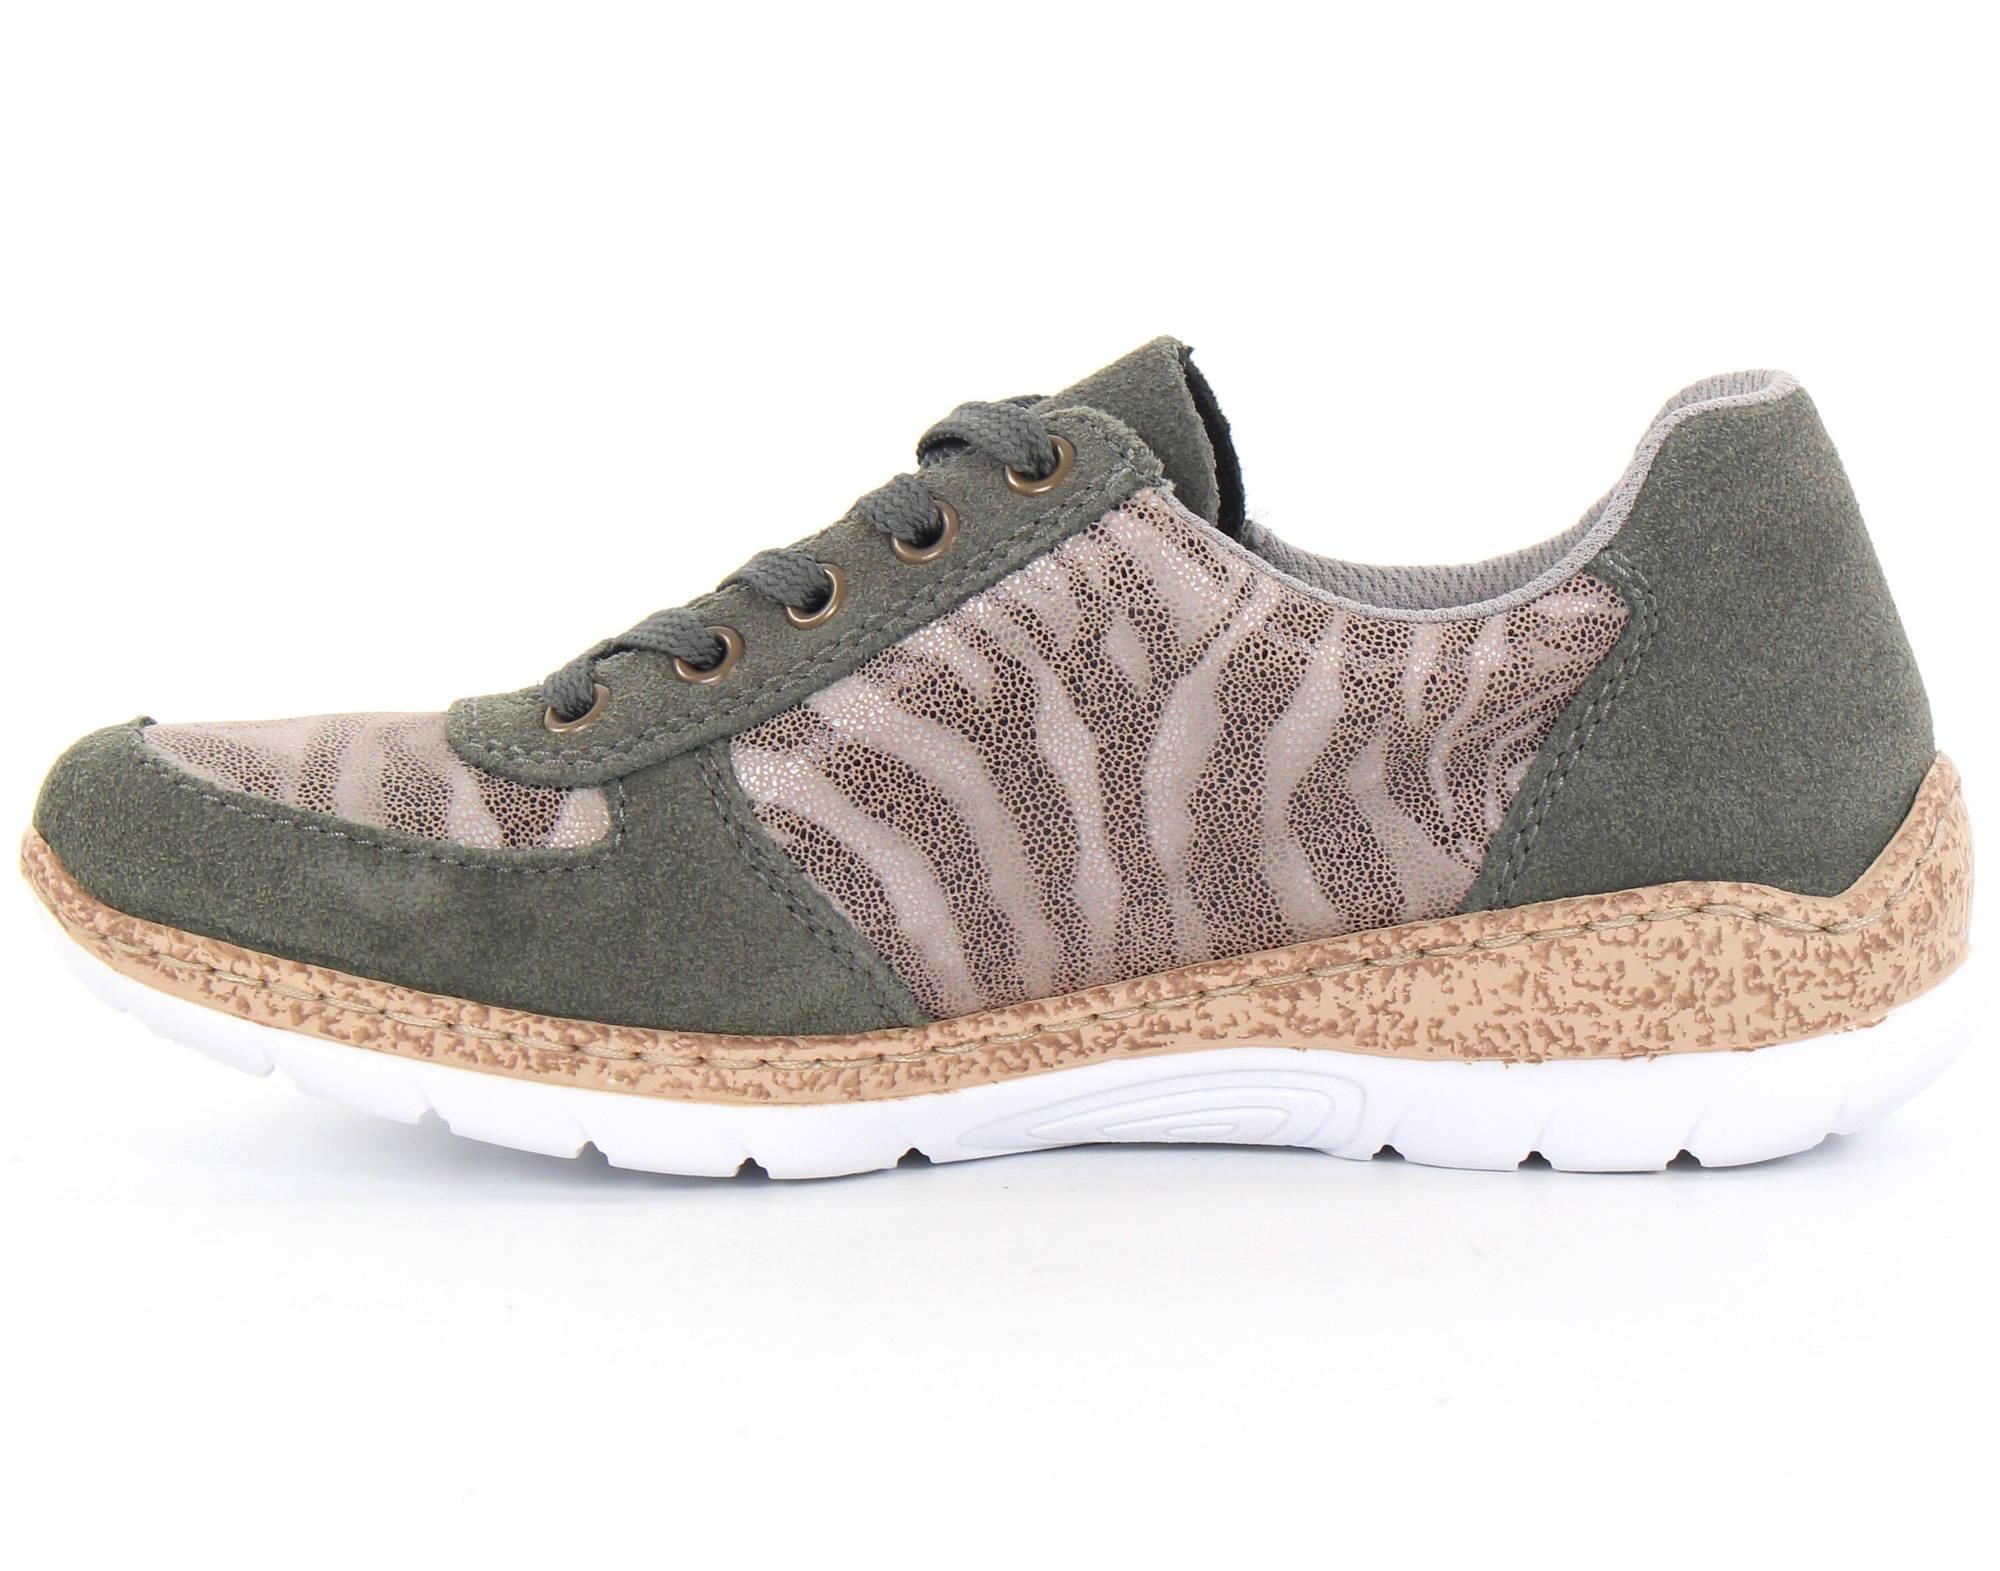 Köp bekväma skor från Rieker stilettoshop.se Dwfuw